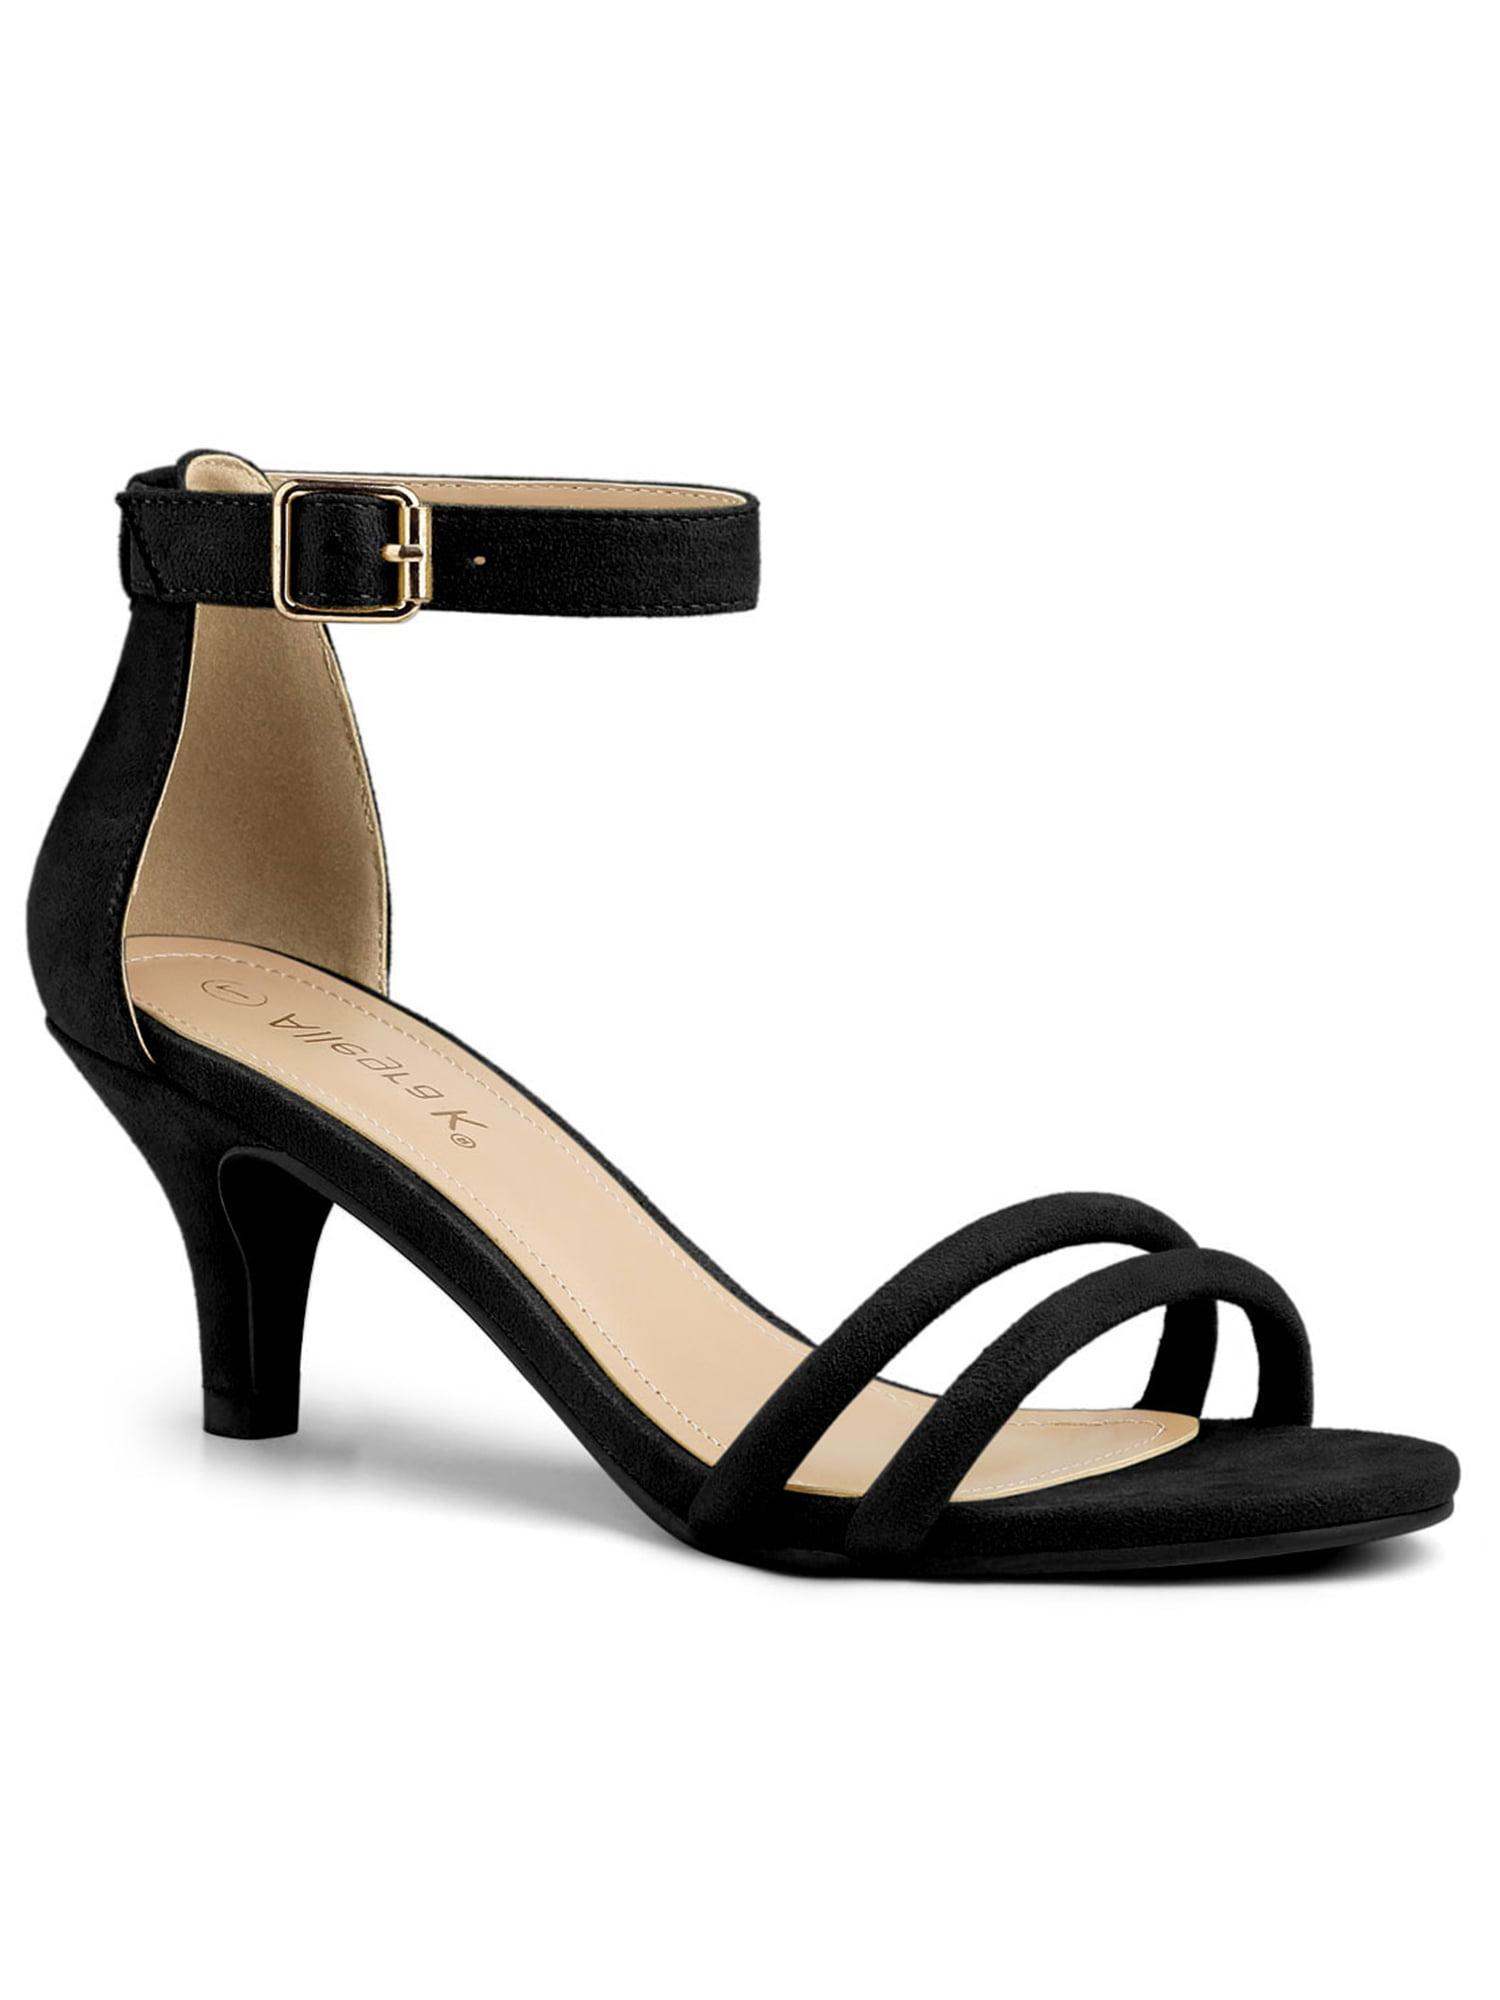 Allegra K Women's Kitten Low Heel Ankle